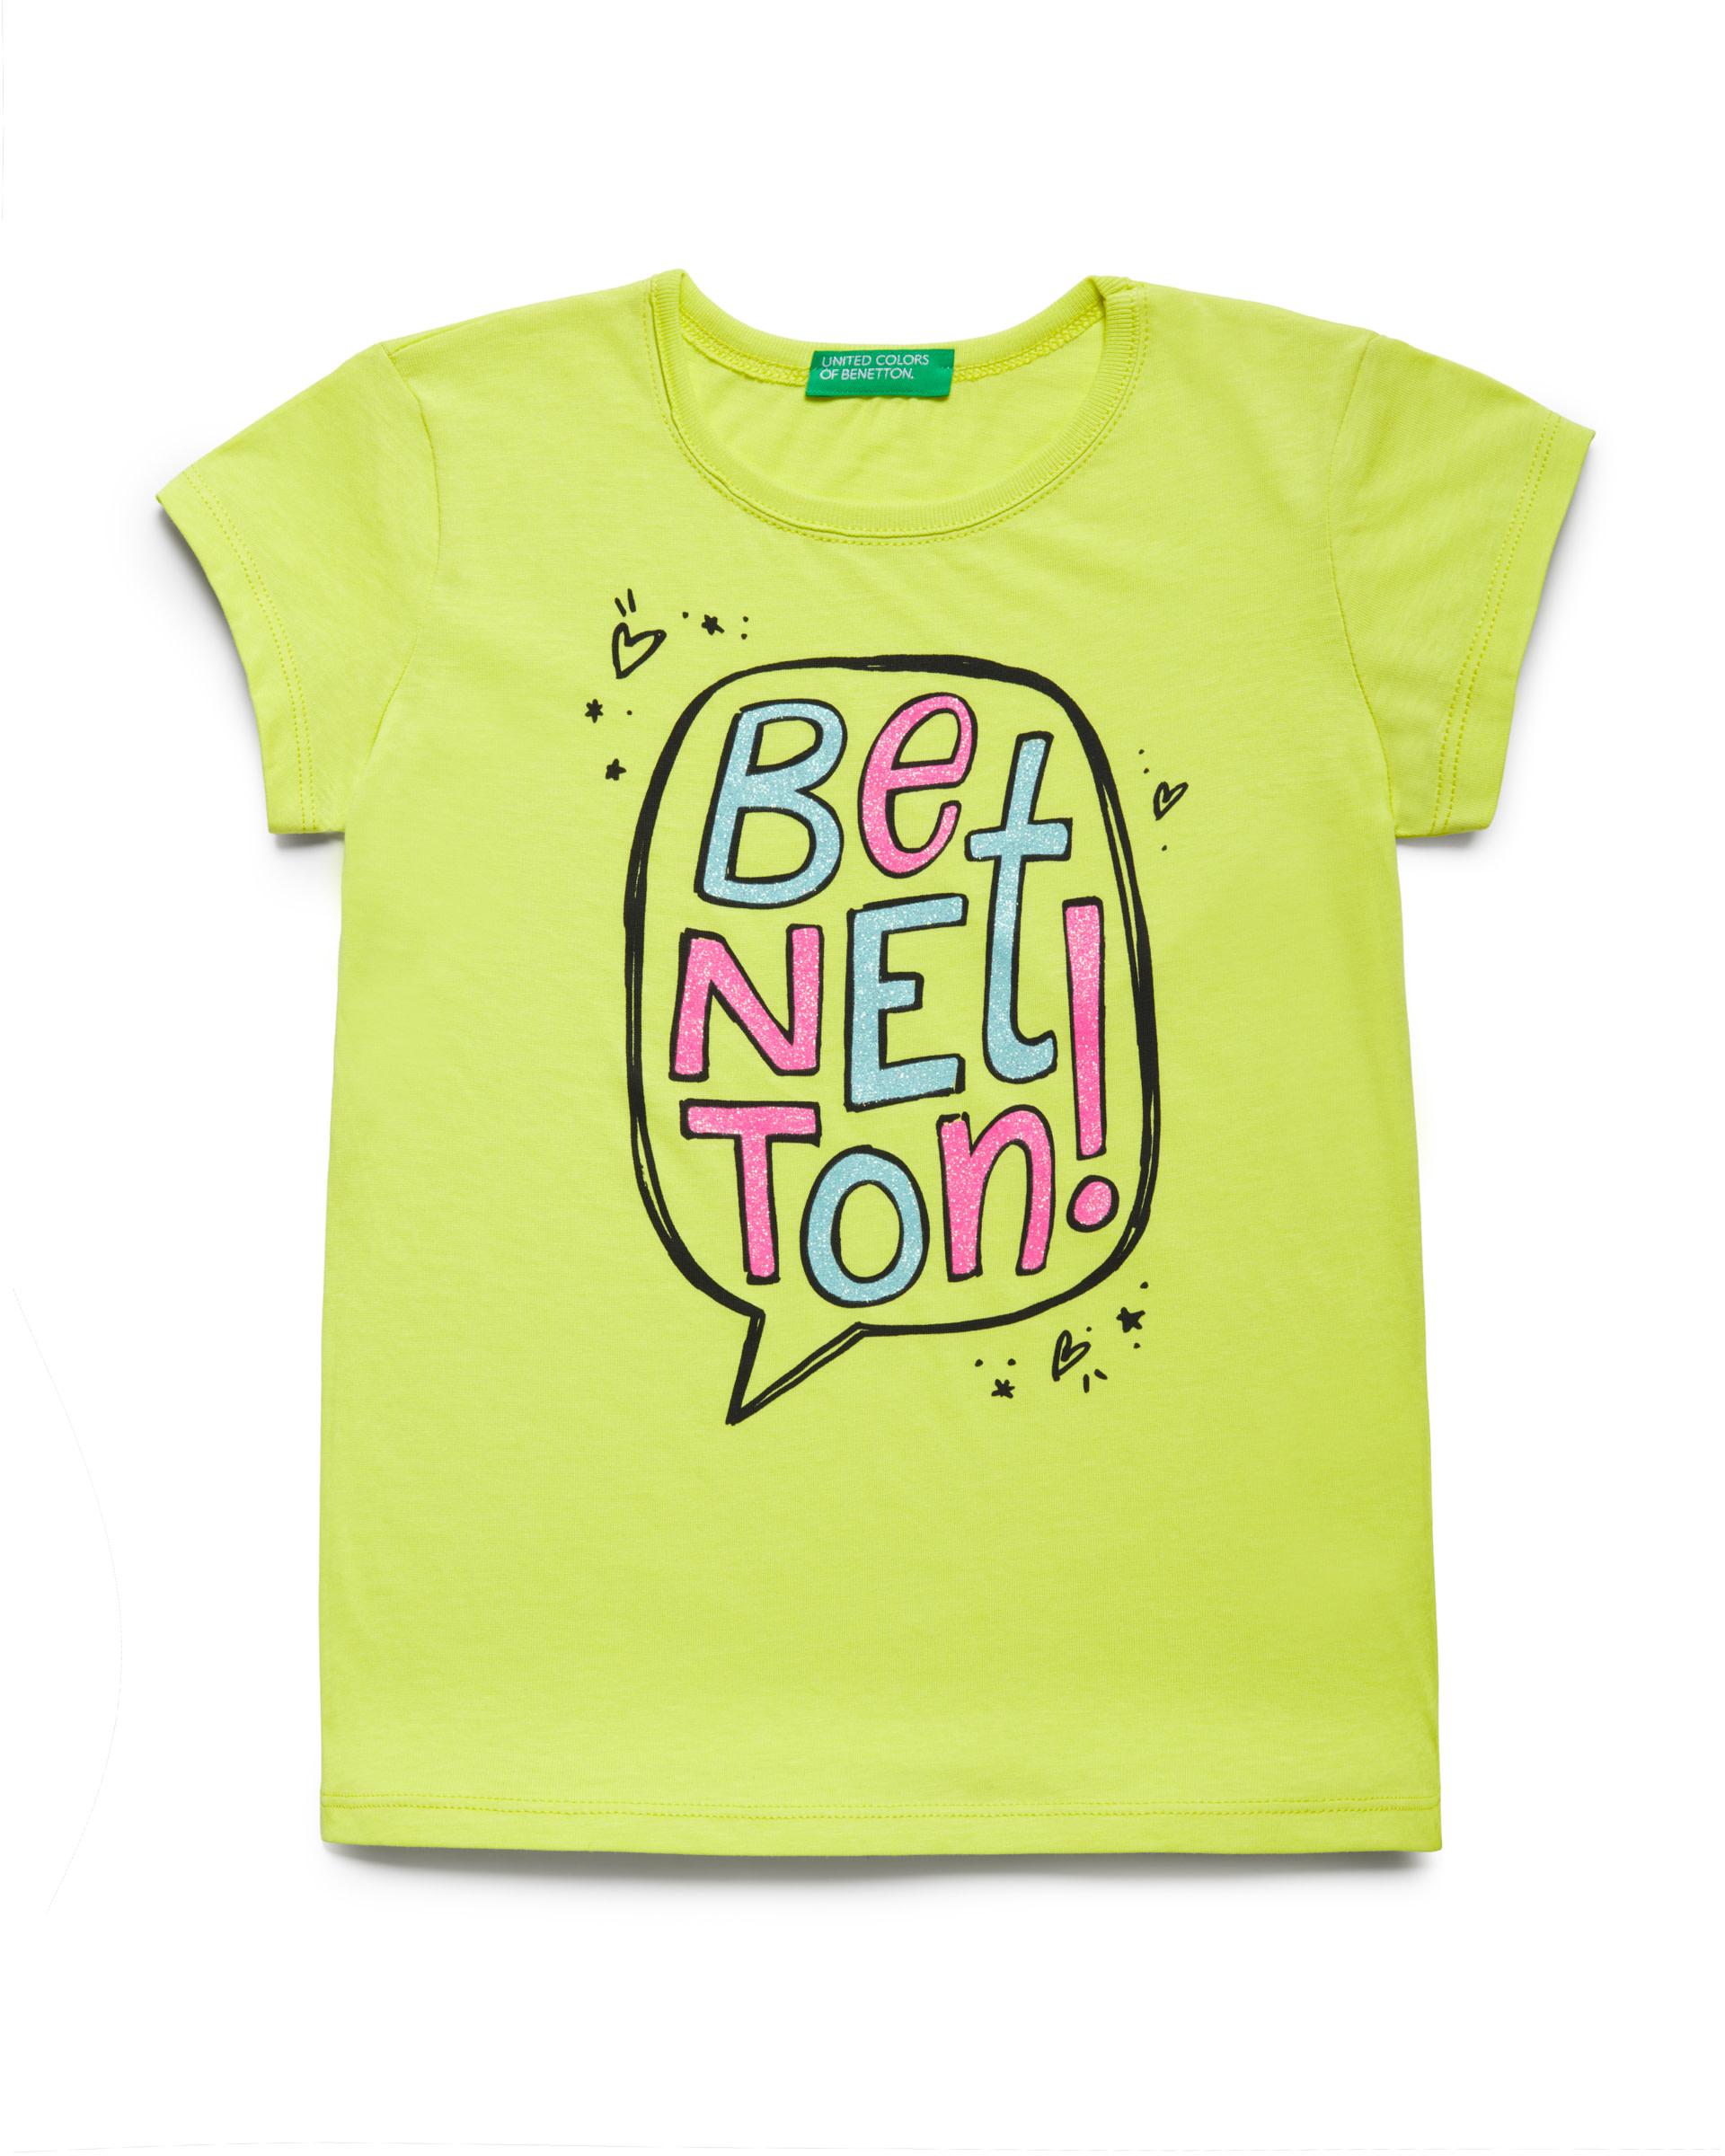 Купить 20P_3096C14J1_28M, Футболка для девочек Benetton 3096C14J1_28M р-р 80, United Colors of Benetton, Кофточки, футболки для новорожденных